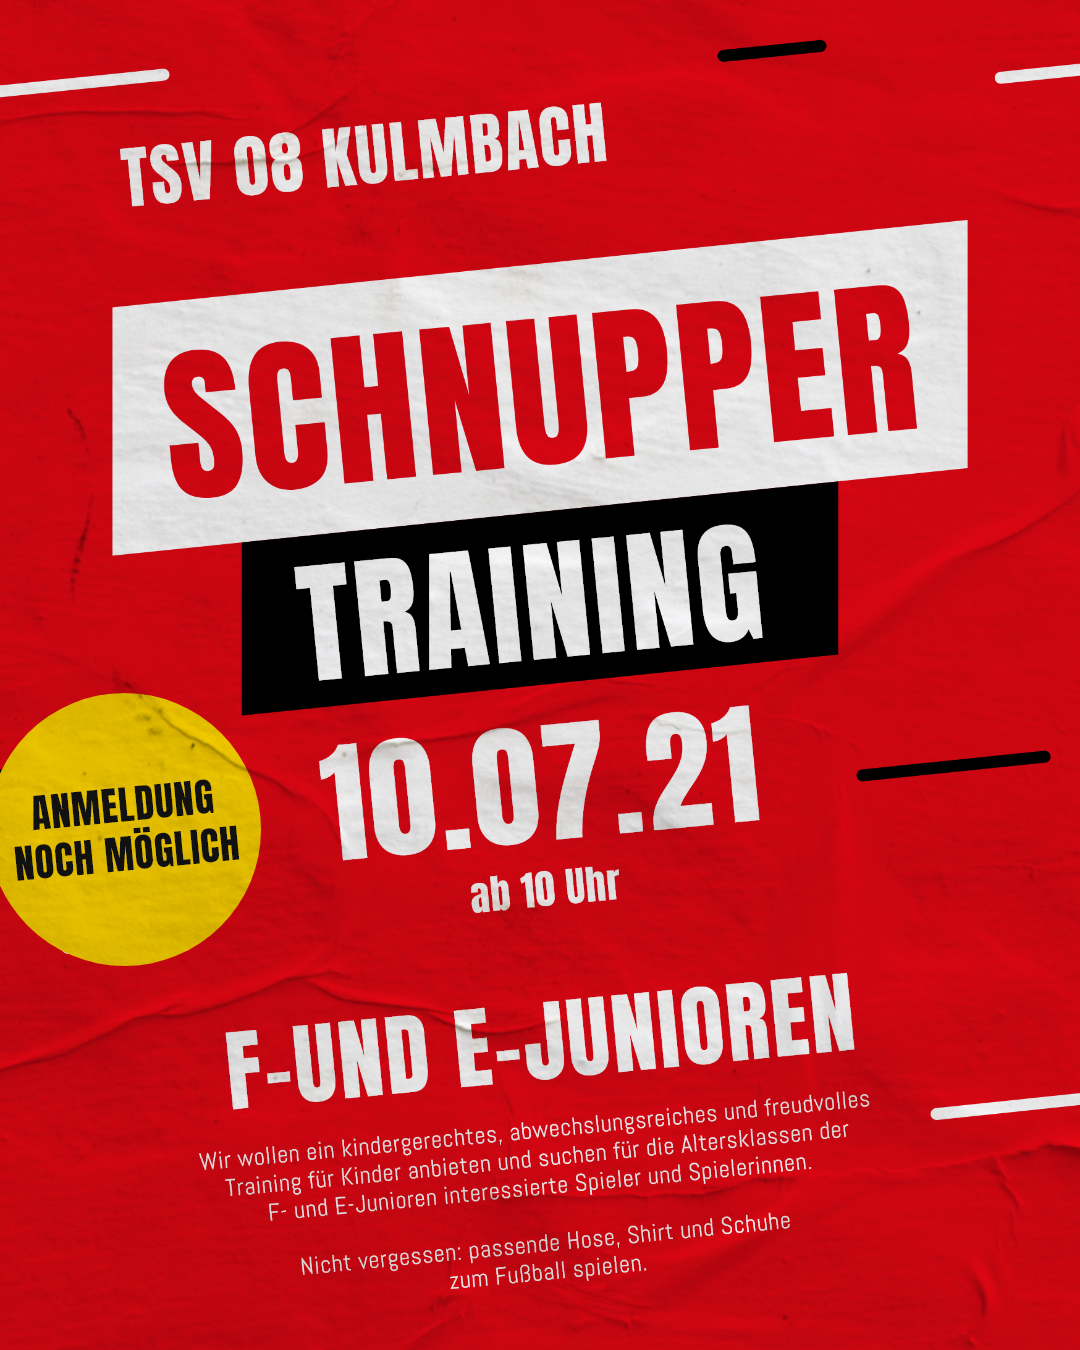 Reminder: Schnuppertraining